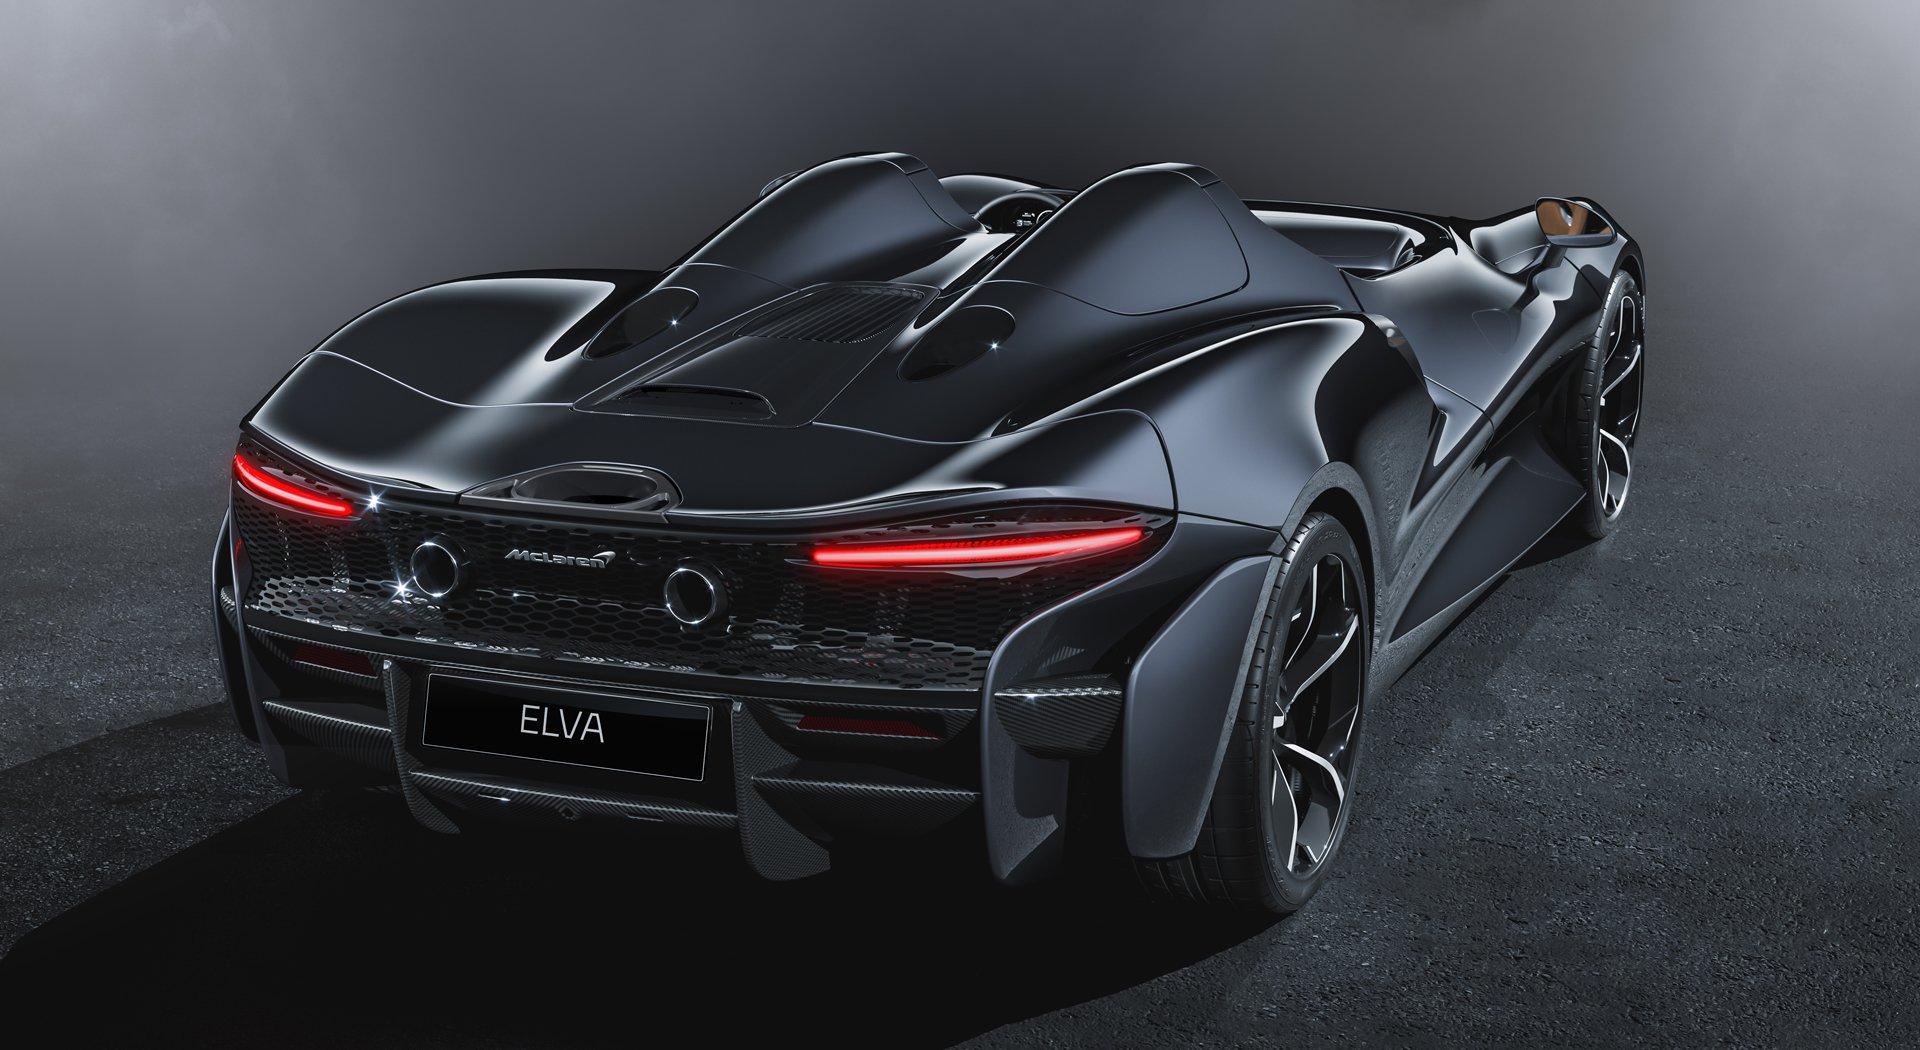 Der McLaren präsentiert den neuen Elva: 850-PS für Liebhaber 4